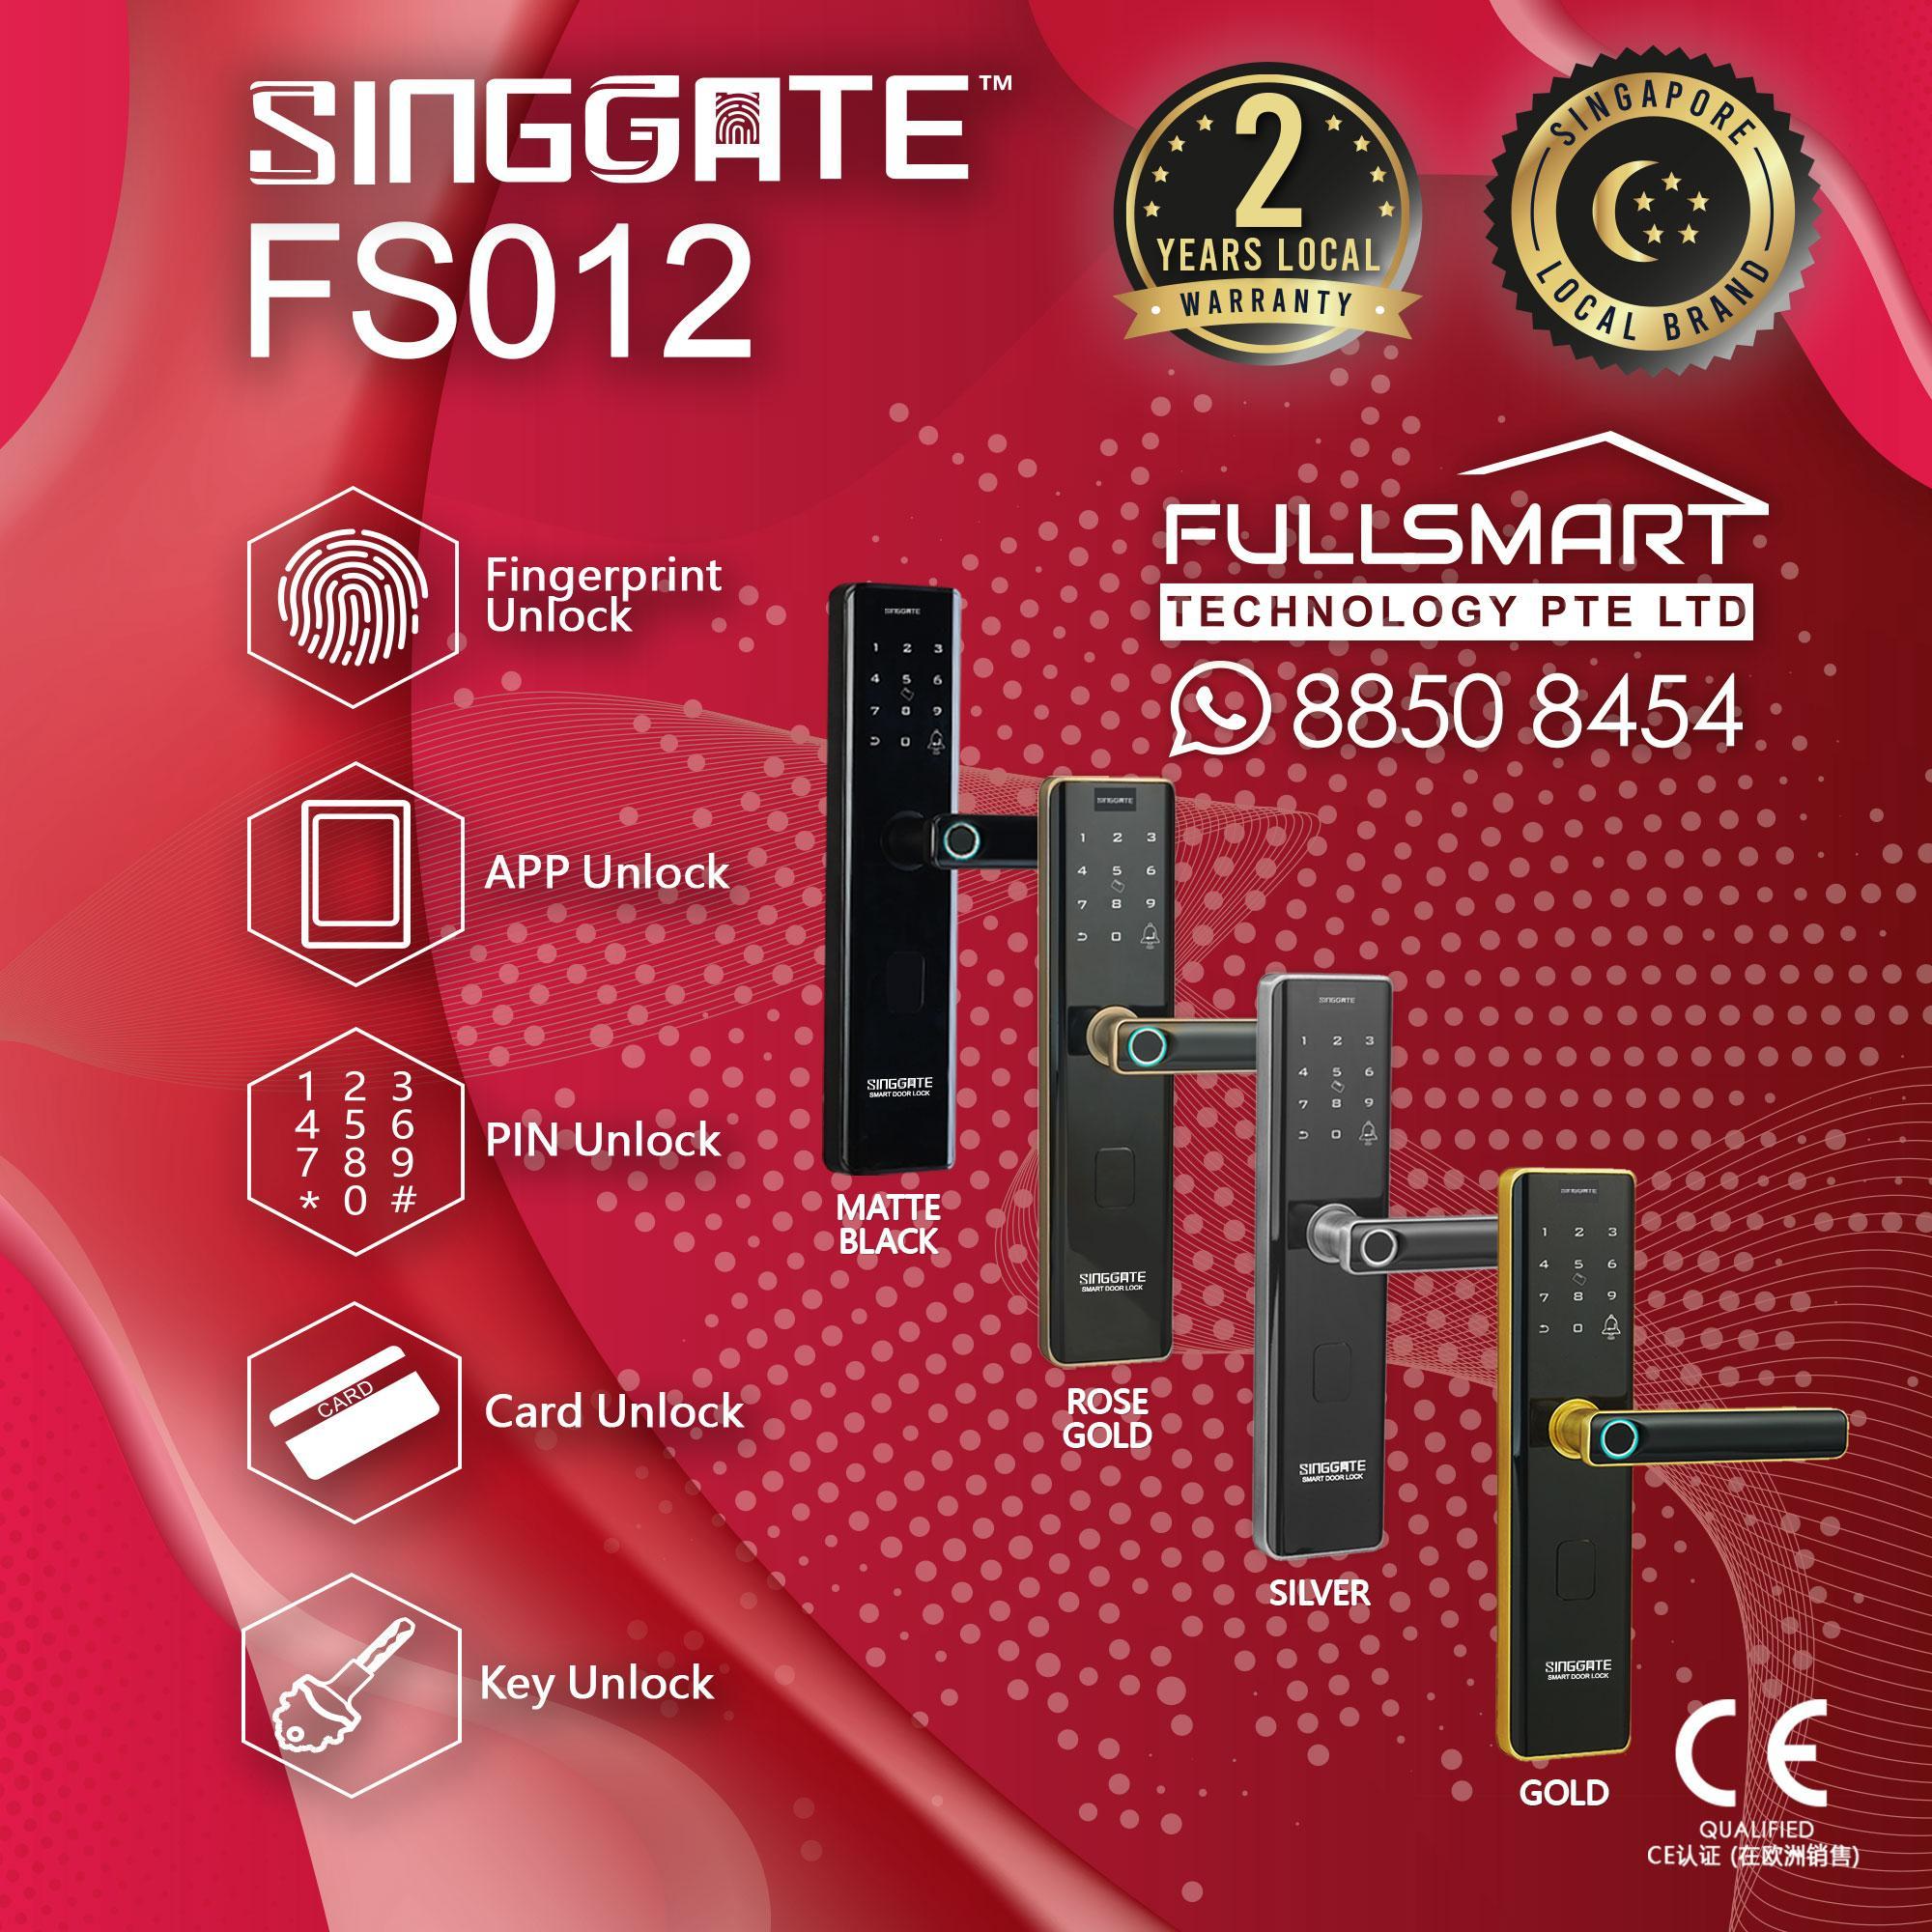 ★[BEST SELLER] ★SG LOCAL SELLER ★ SINGGATE™ FS012 ★DIGITAL DOOR LOCK★